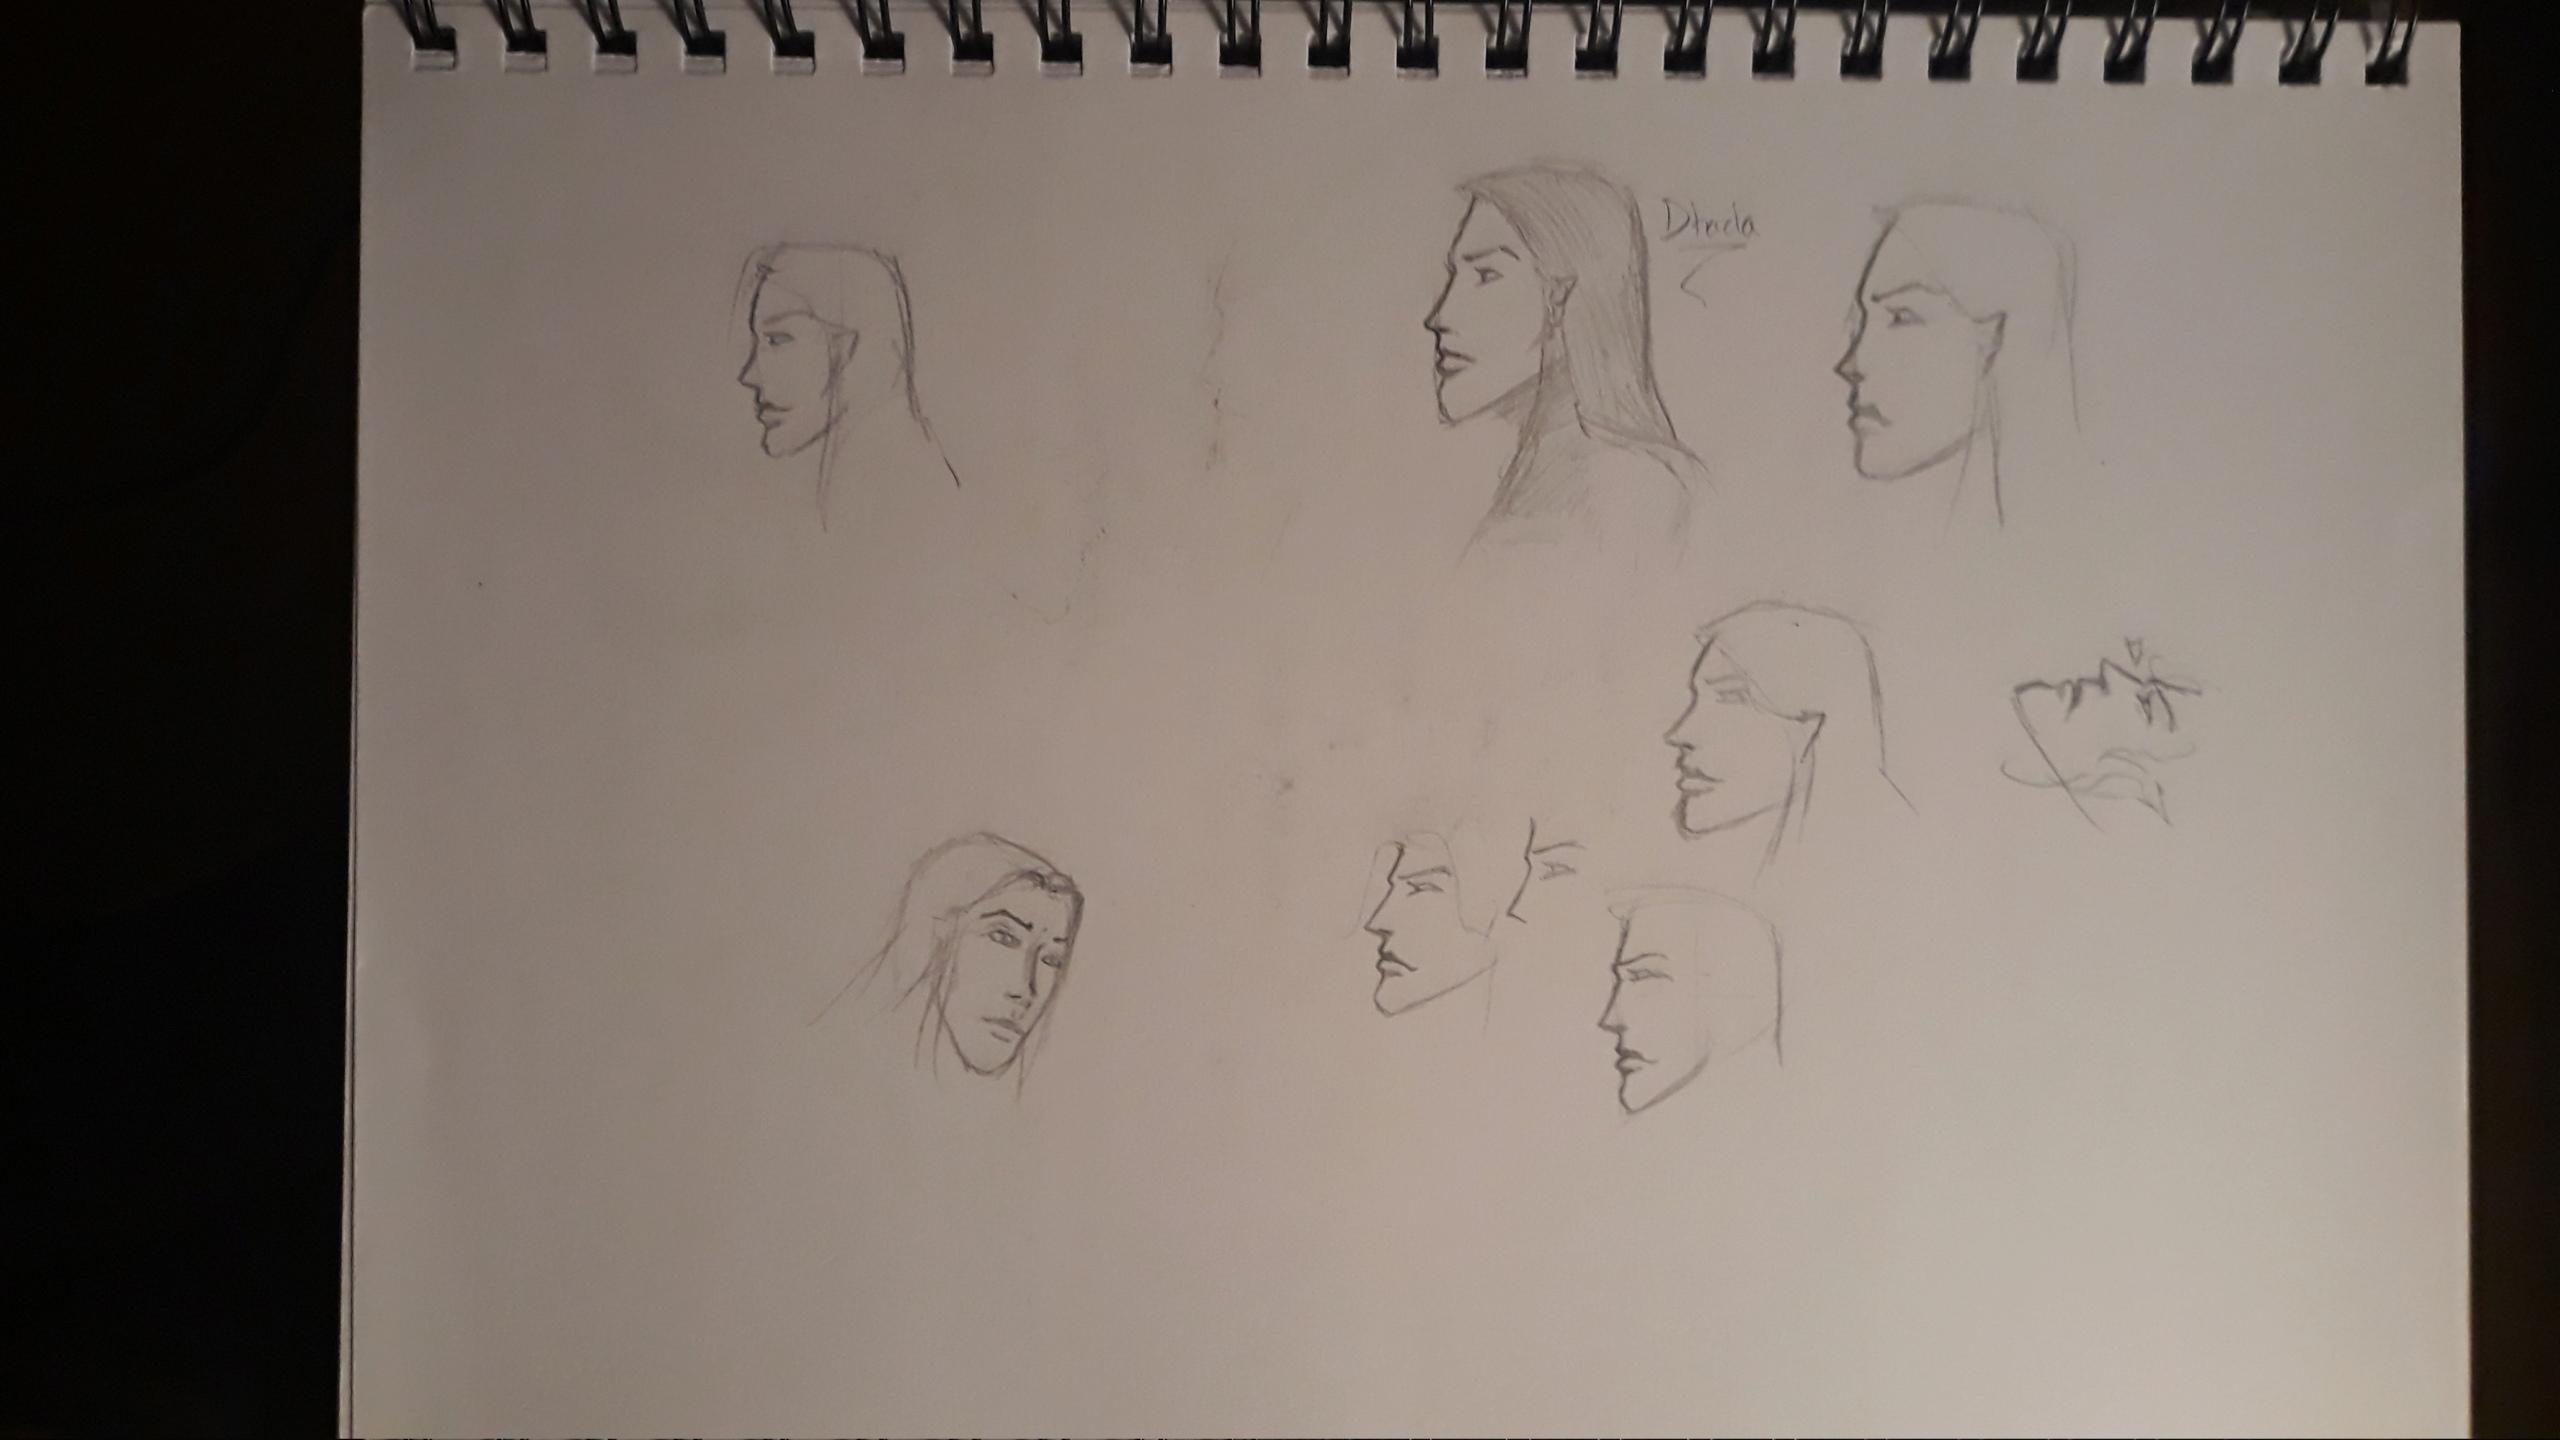 Les dessins de Gromdal - Page 11 510